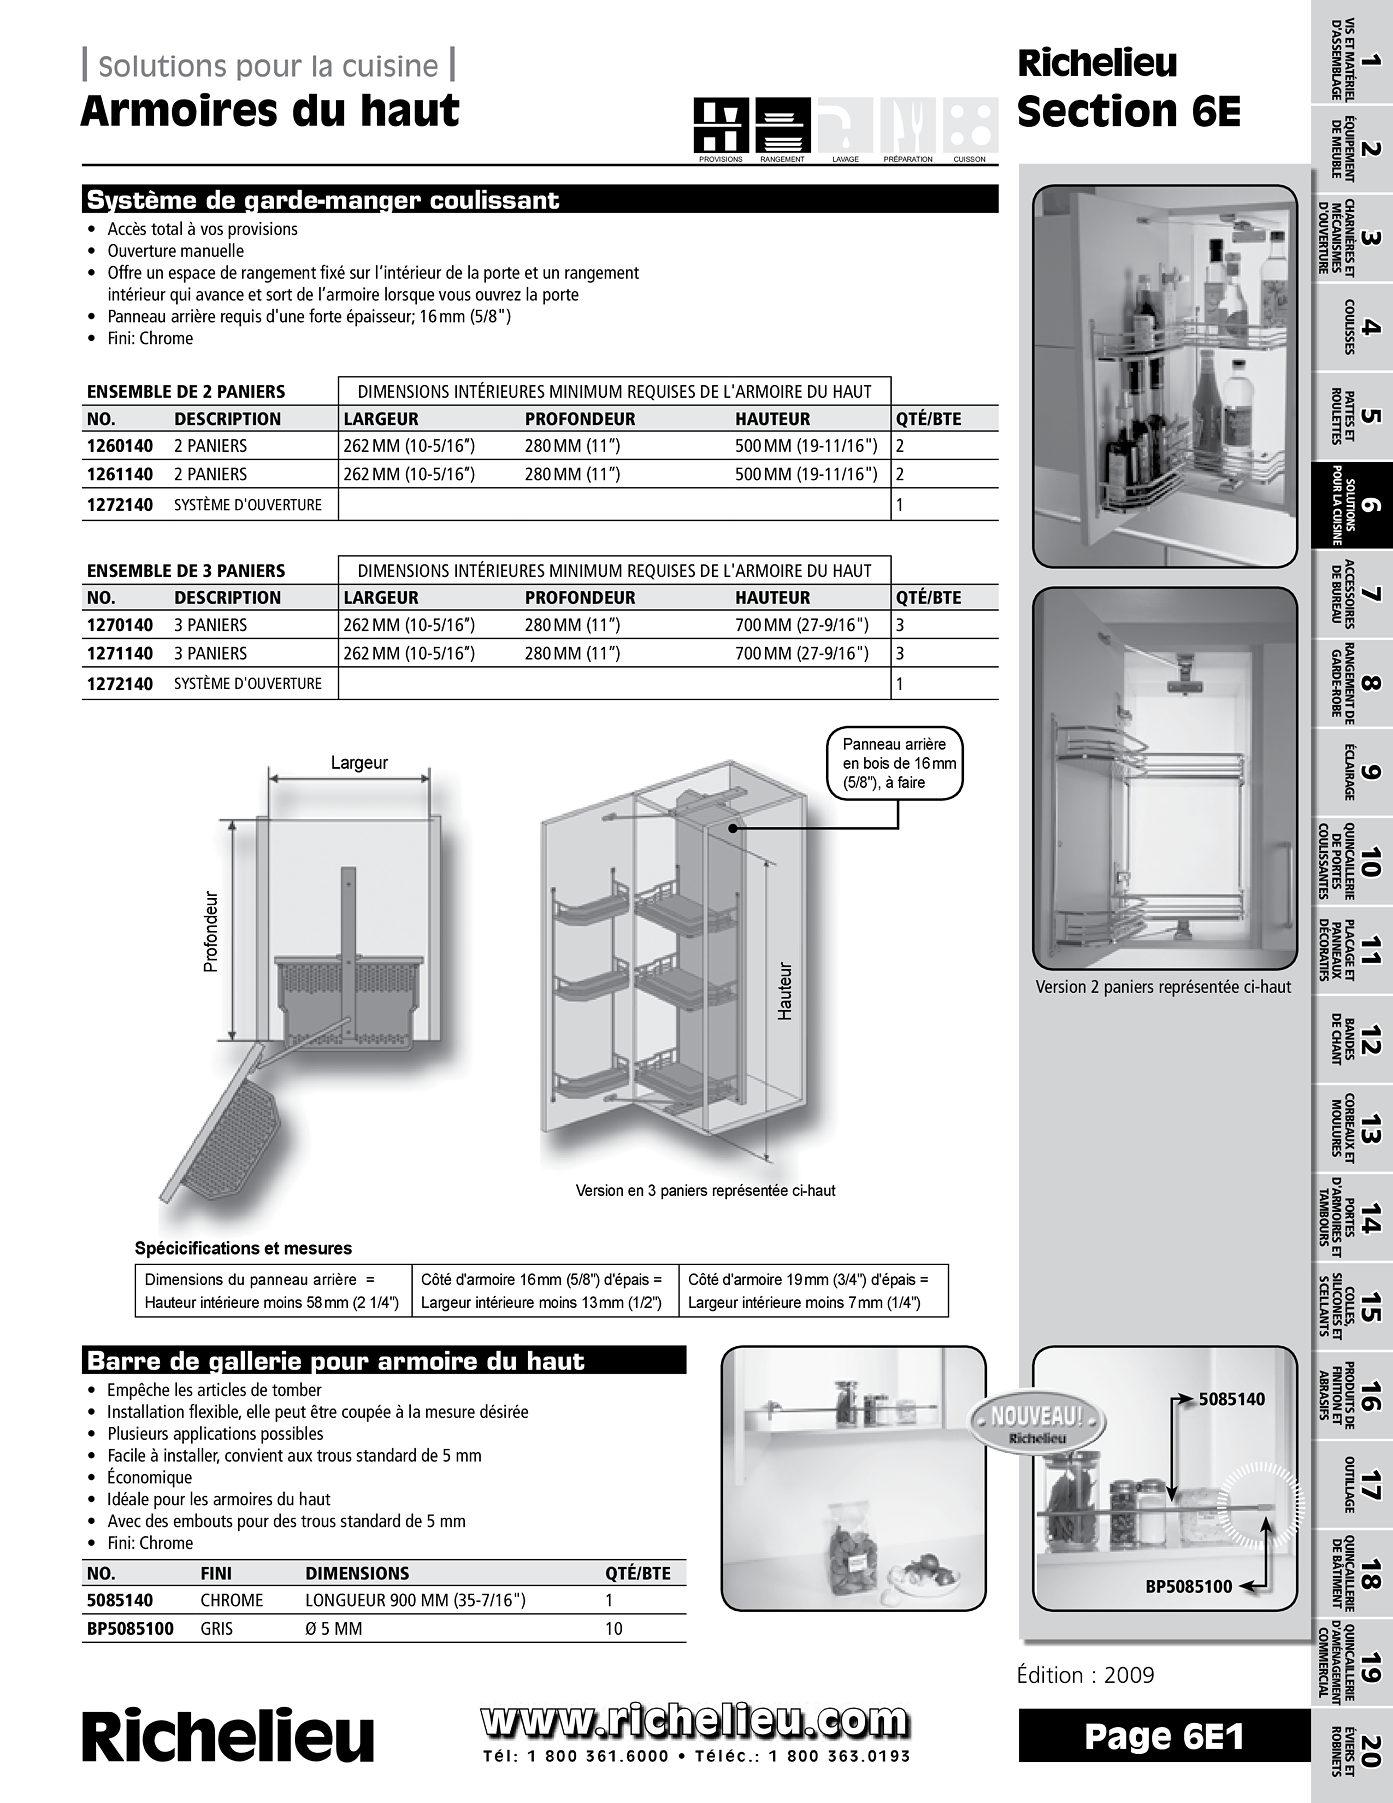 librairie des catalogues richelieu armoires du haut page 1 quincaillerie richelieu. Black Bedroom Furniture Sets. Home Design Ideas